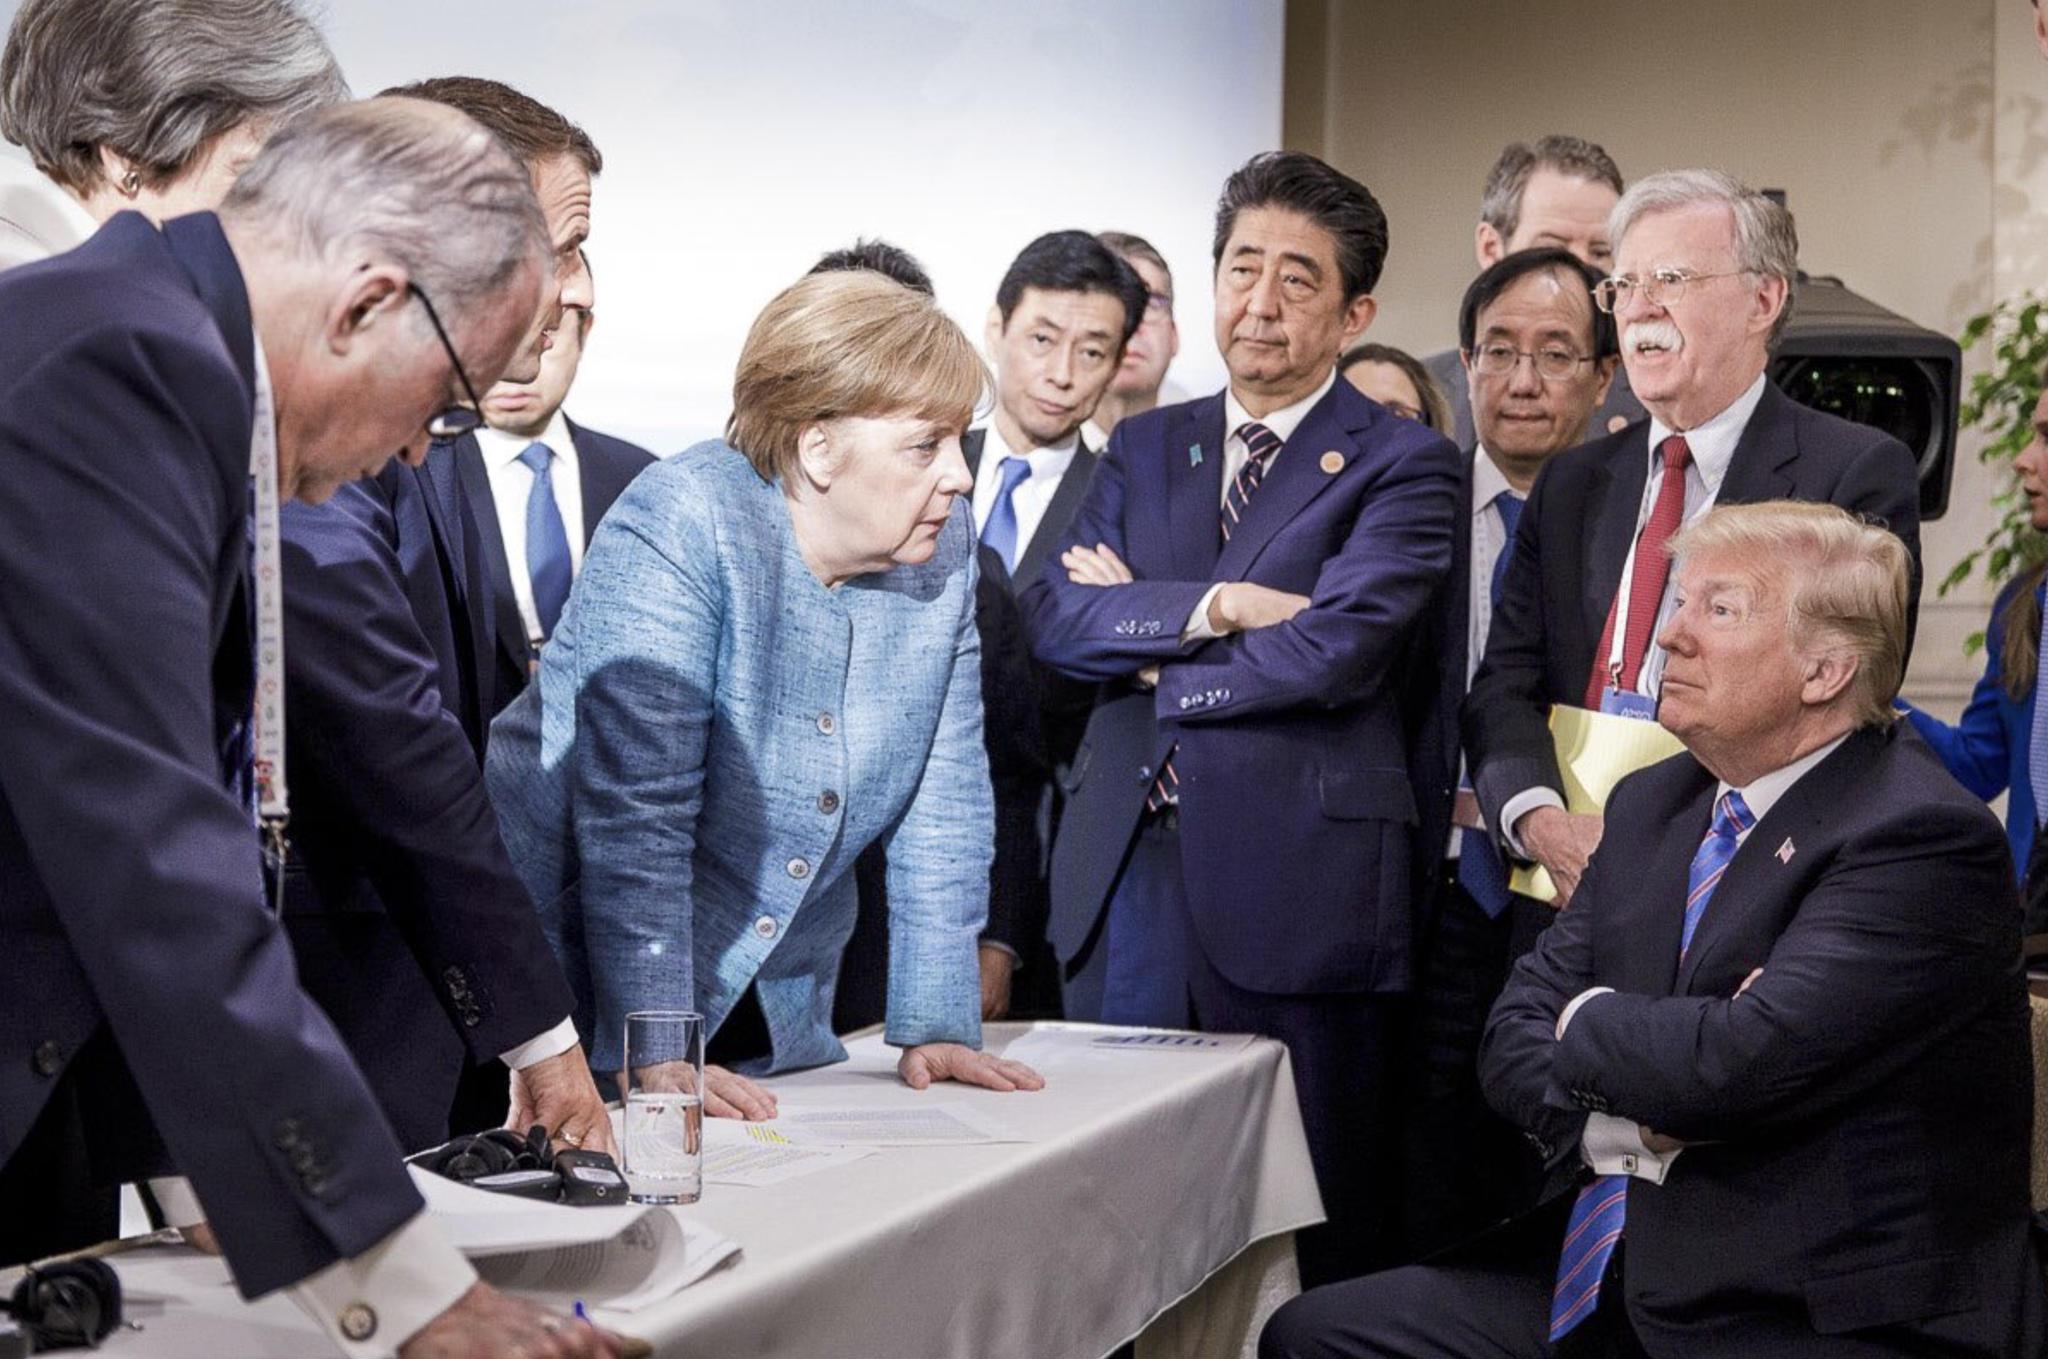 Donald Trump der Trotzkopf Am 9. Juni 2018 wird der US-Präsident von Emmanuel Macron Angela Merkel Shinzo Abe und Beratern beim G7 Gipfel in Kanada umringt. Das